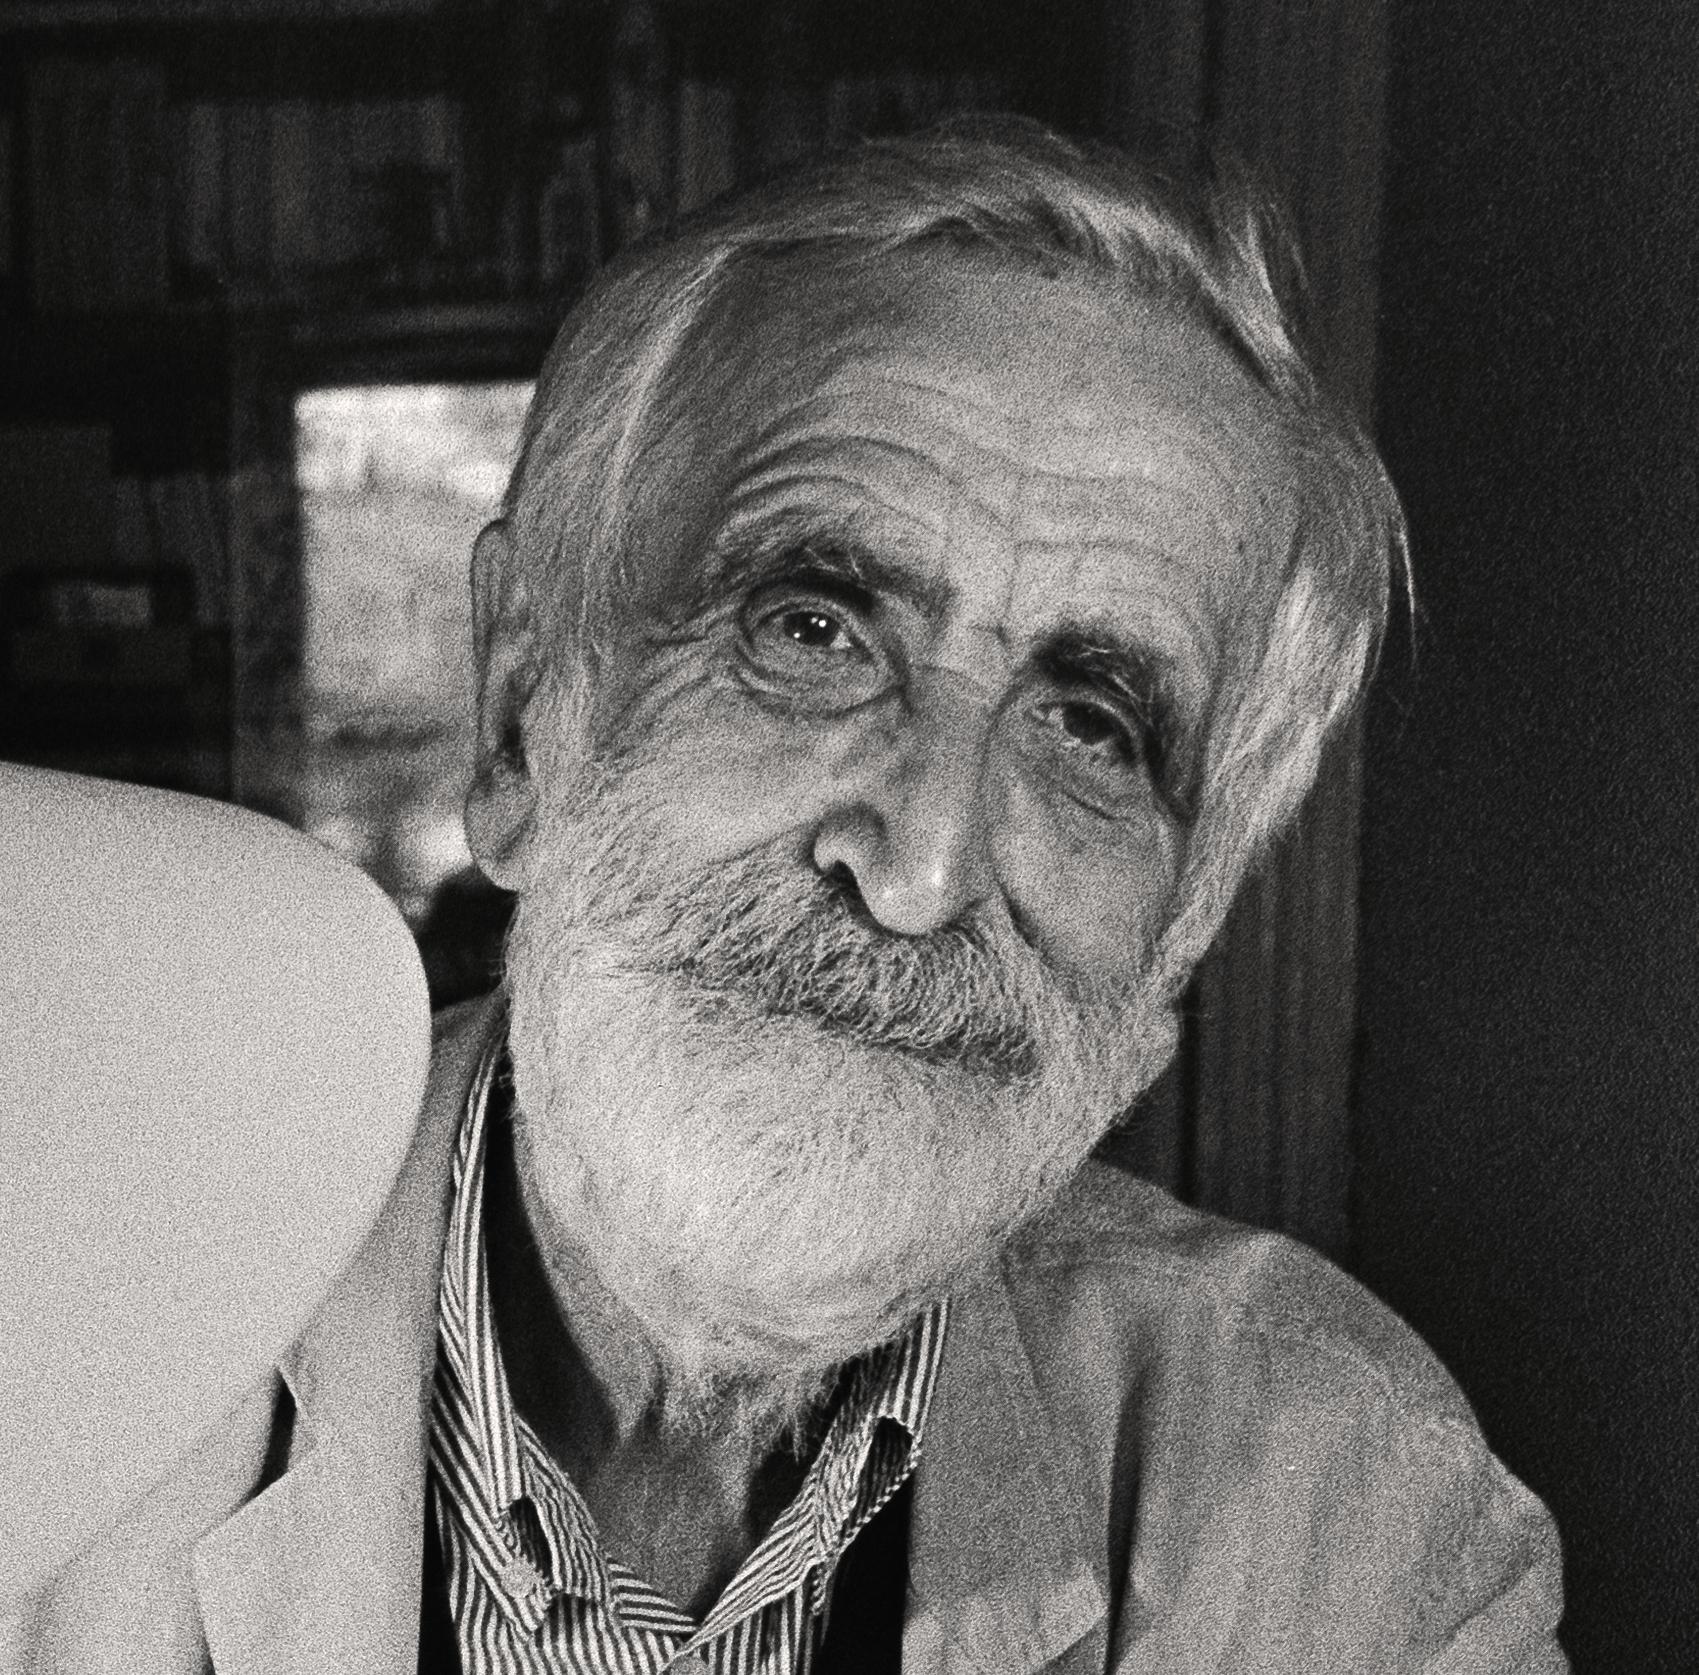 Wir trauern um den großen Designer Enzo Mari